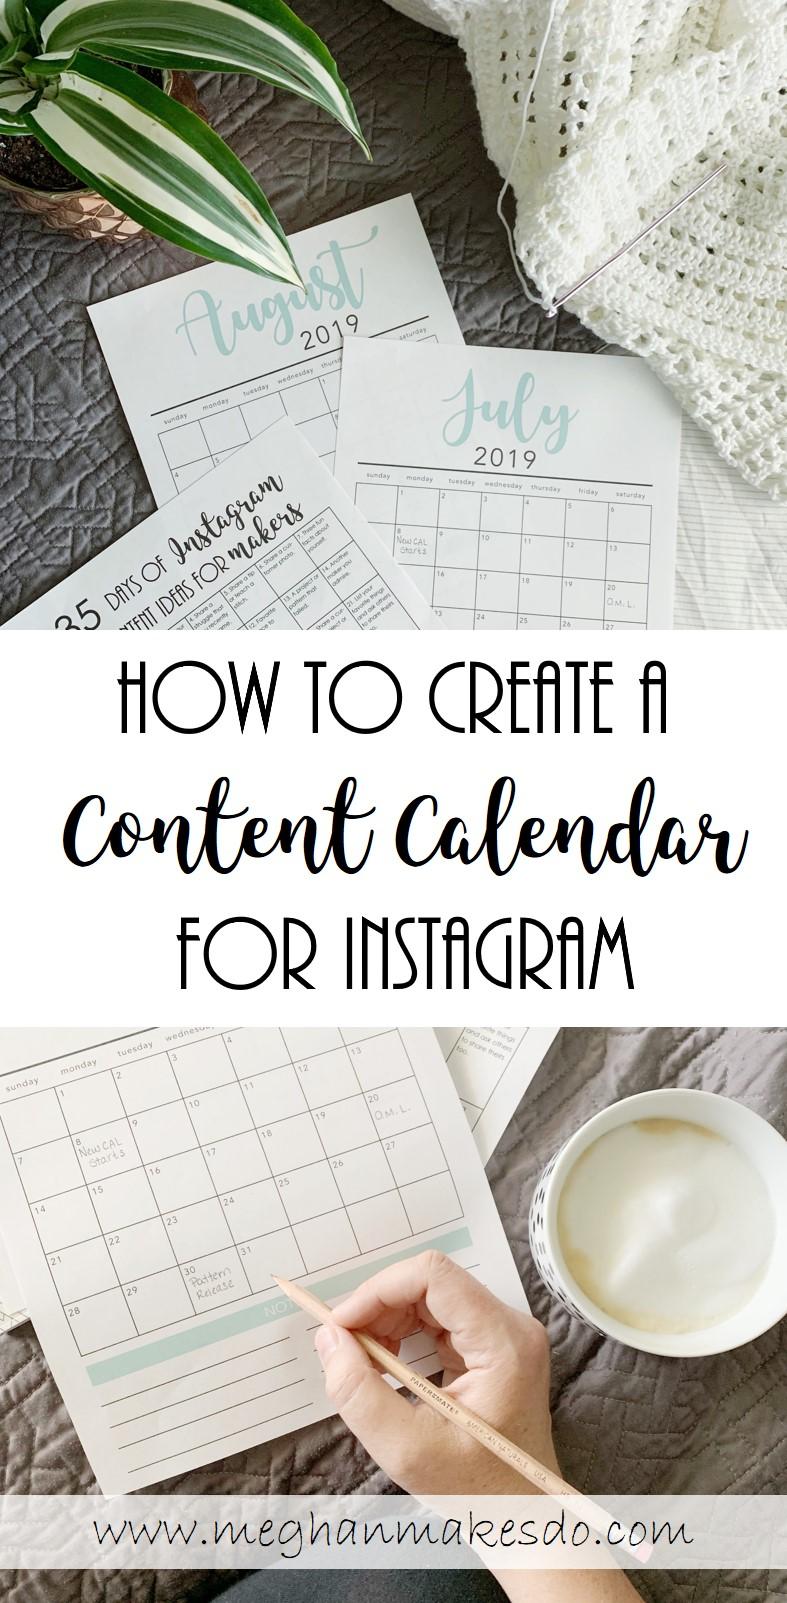 content calendar ideas for instagram